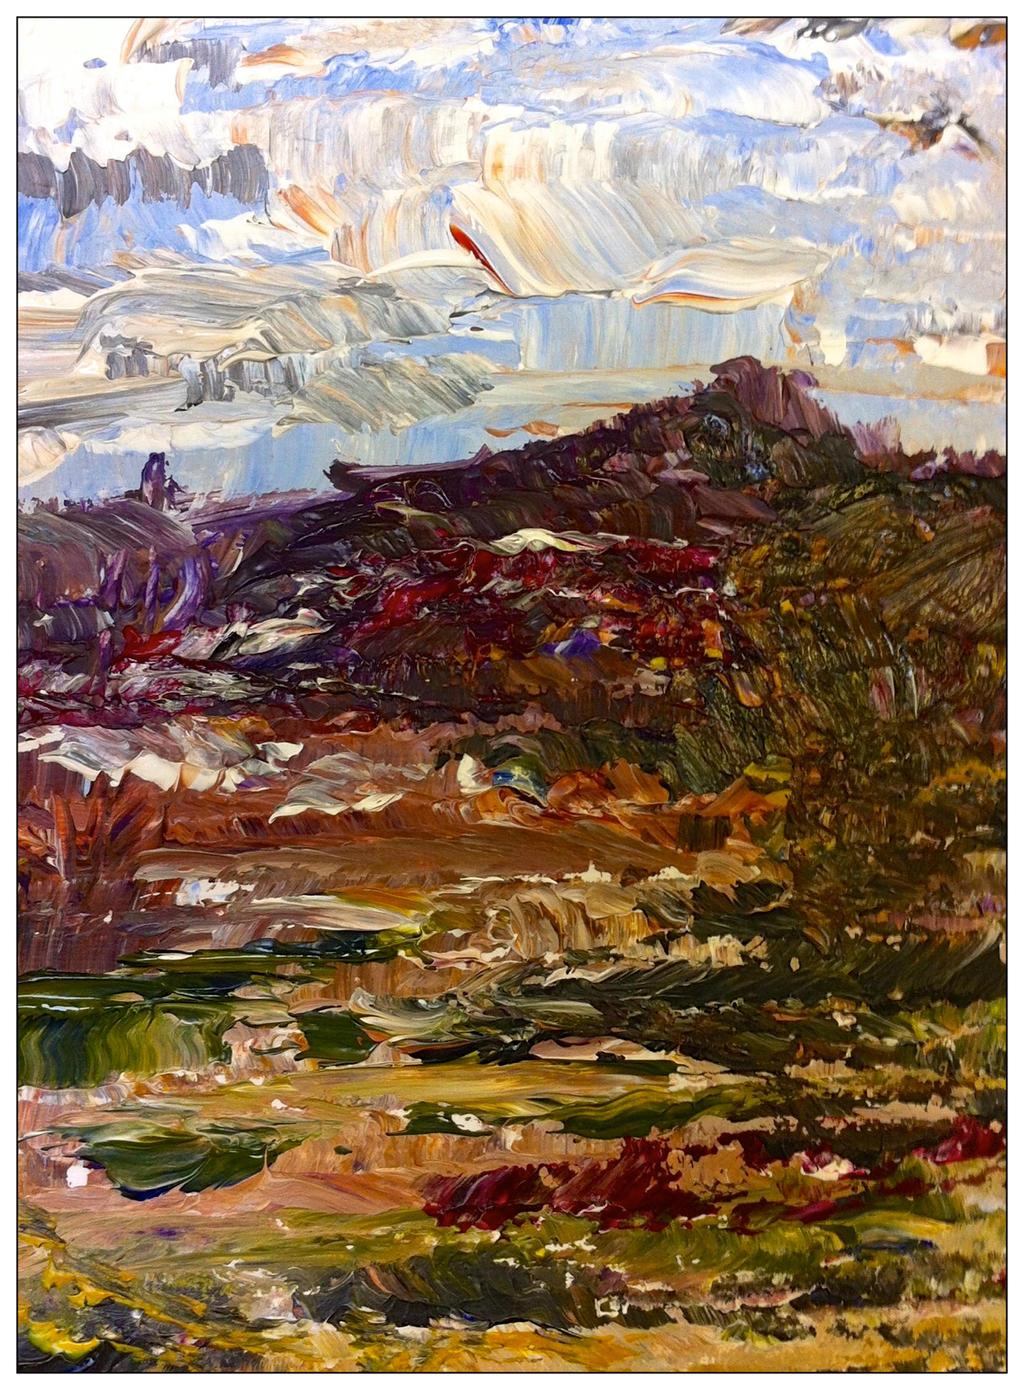 Landscape by KateHodges